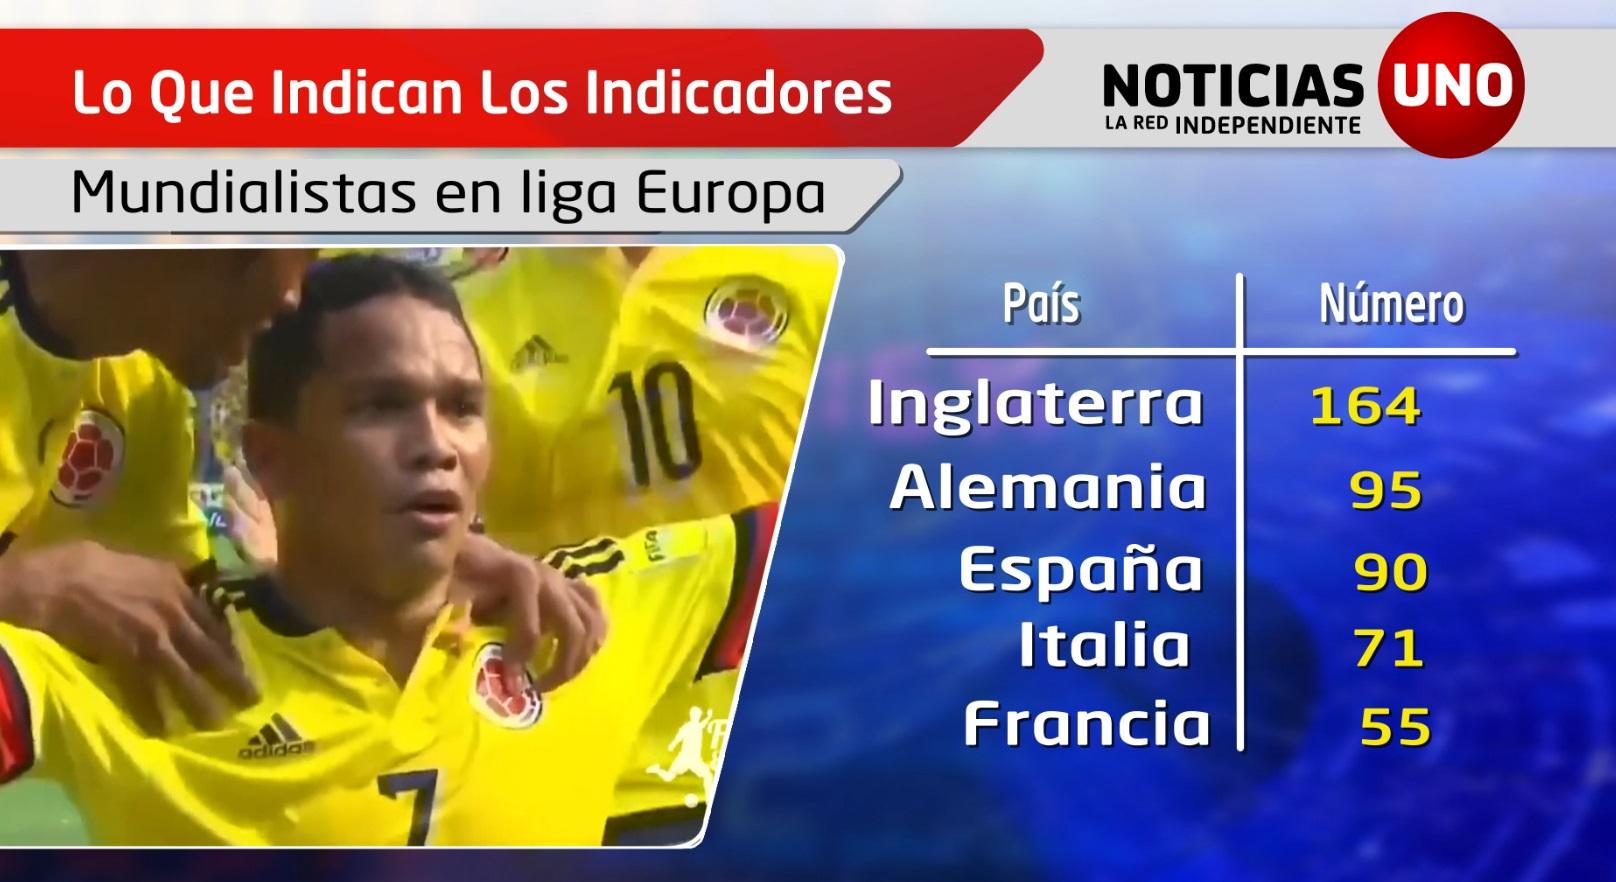 Indicadores: Jugadores mundialistas en ligas europeas